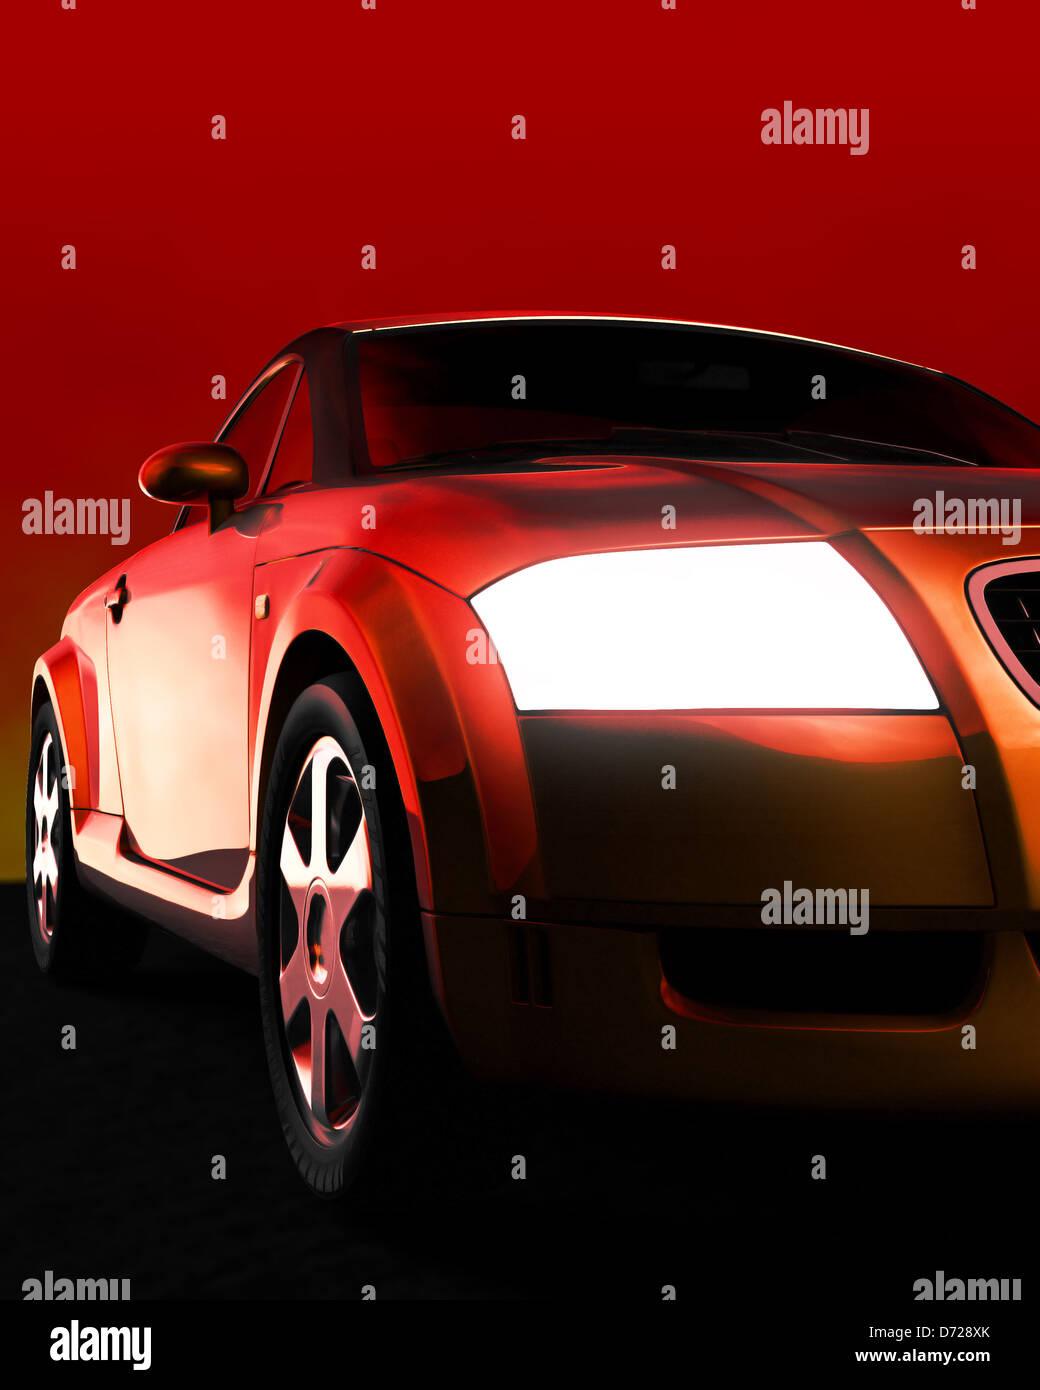 Illustrazione per auto Immagini Stock